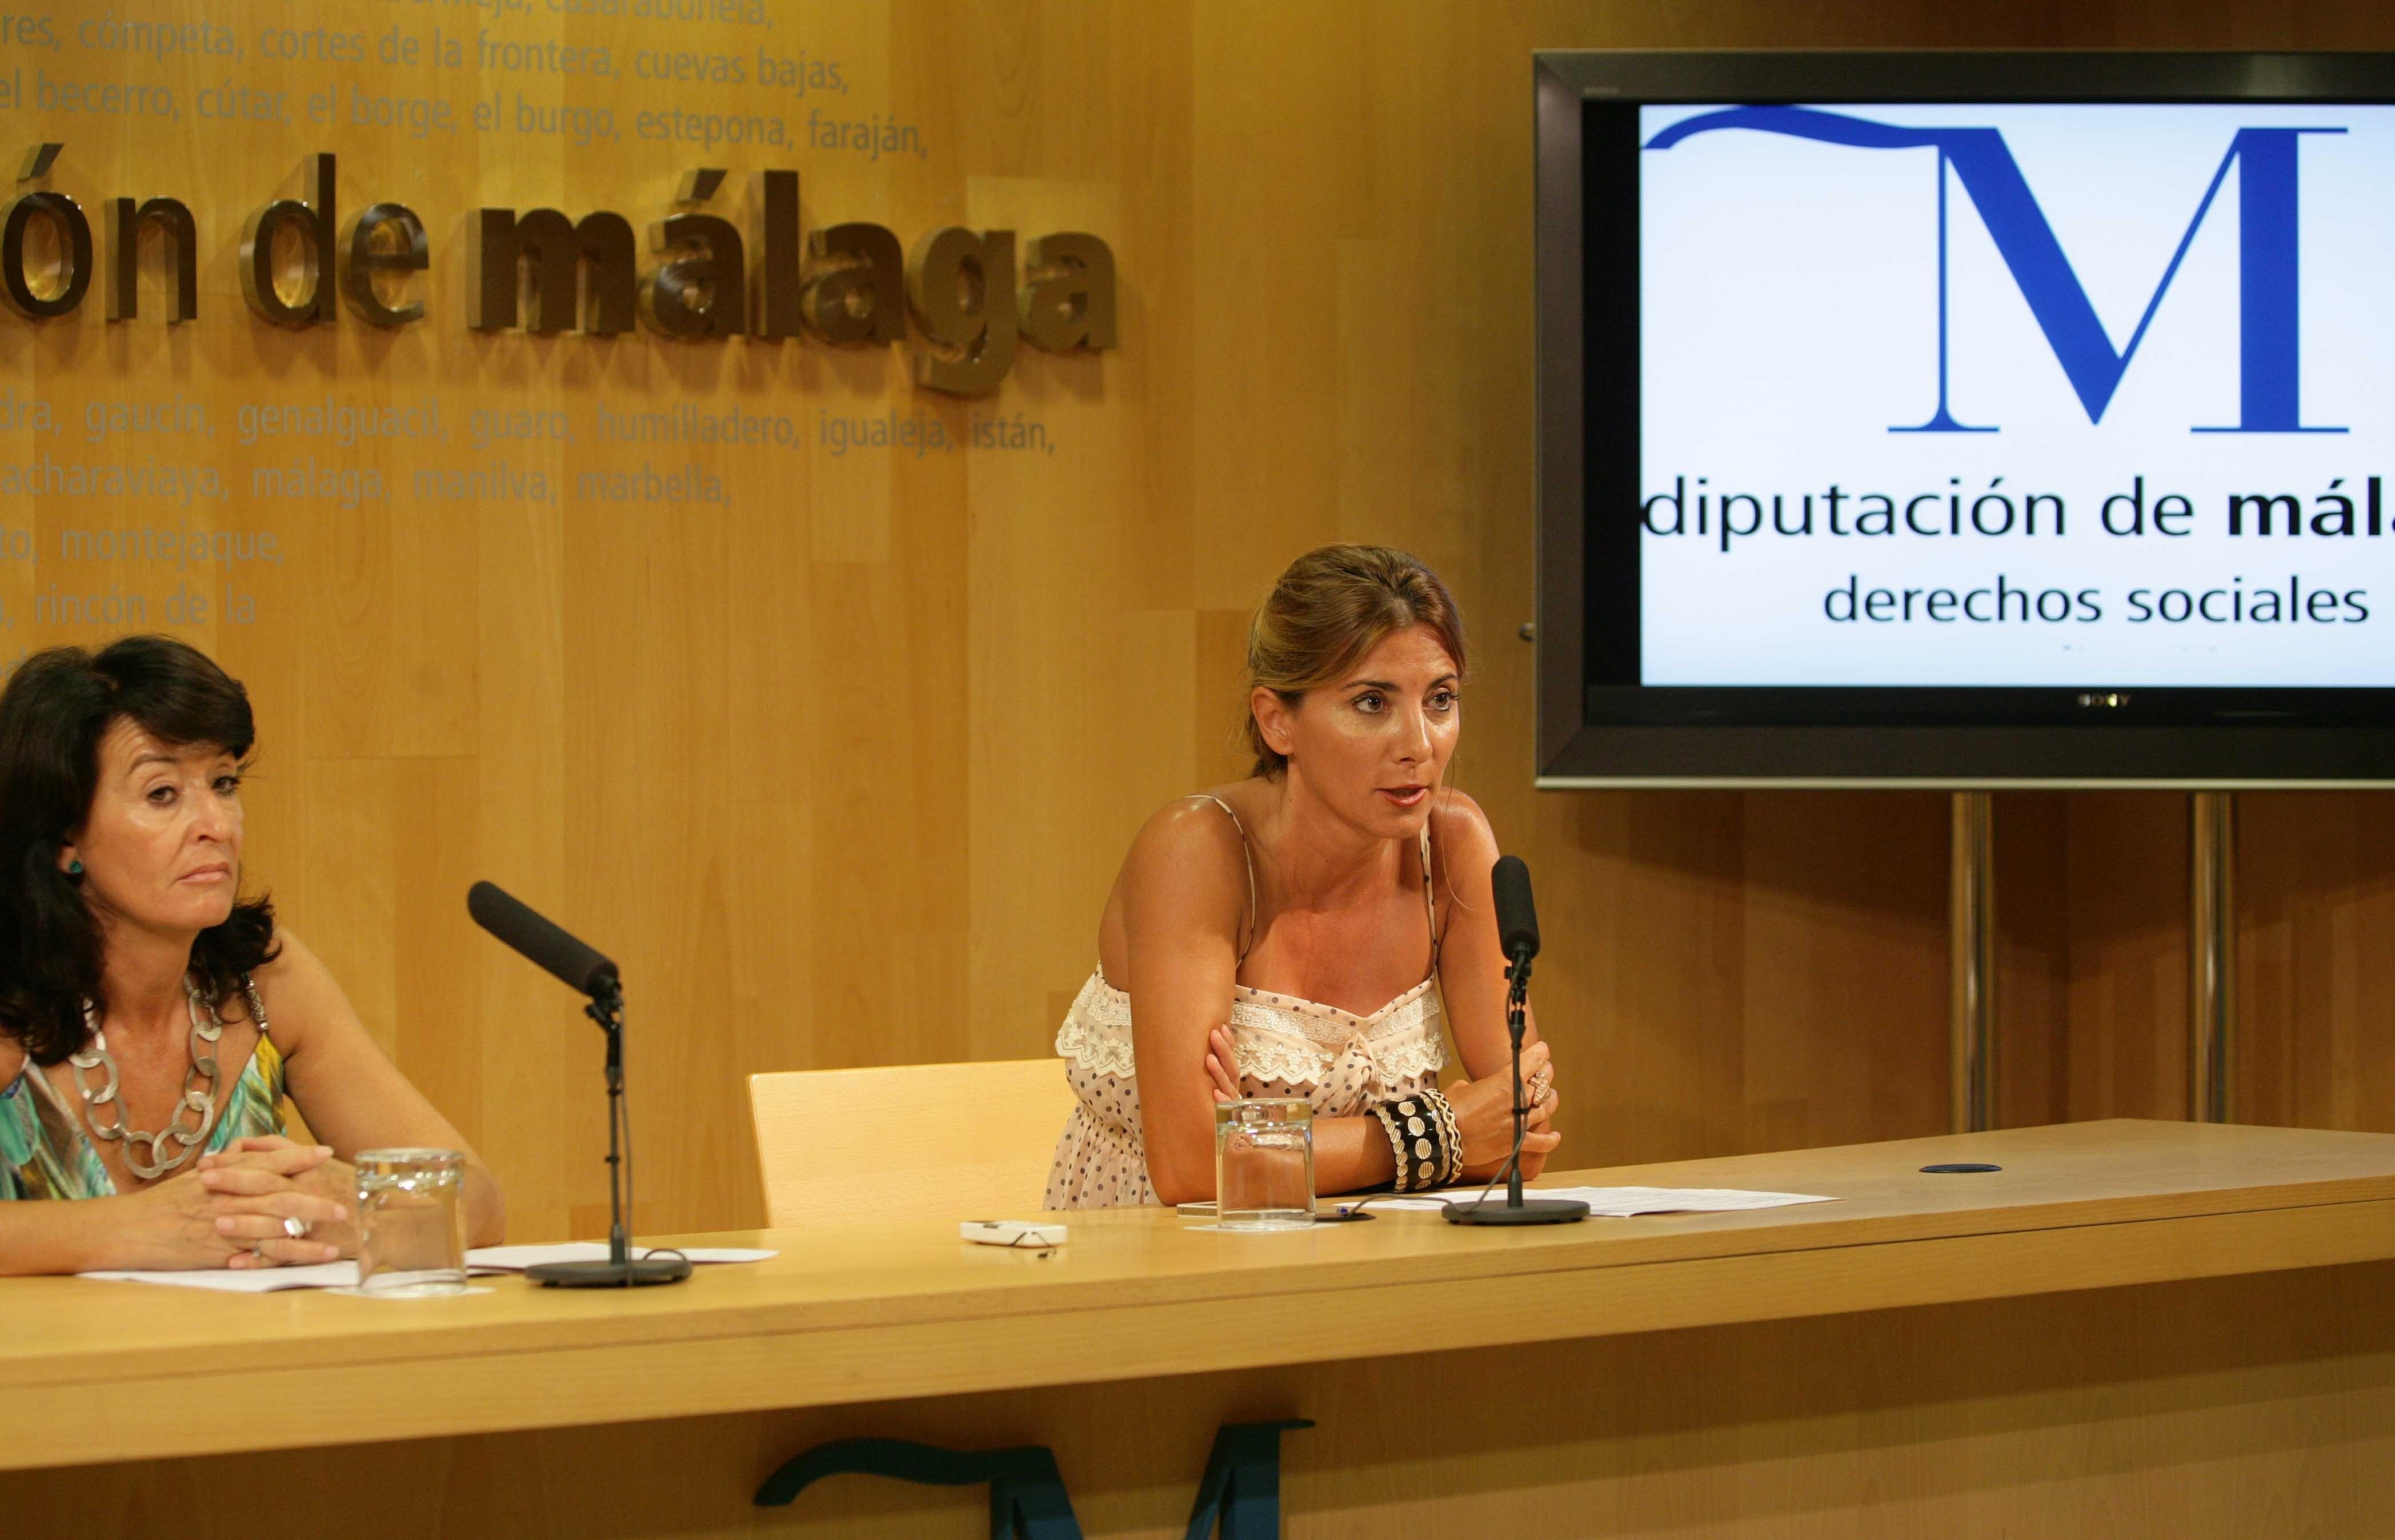 La Diputación atiende en dos años a más de 91.000 personas a través de los centros sociales comunitarios